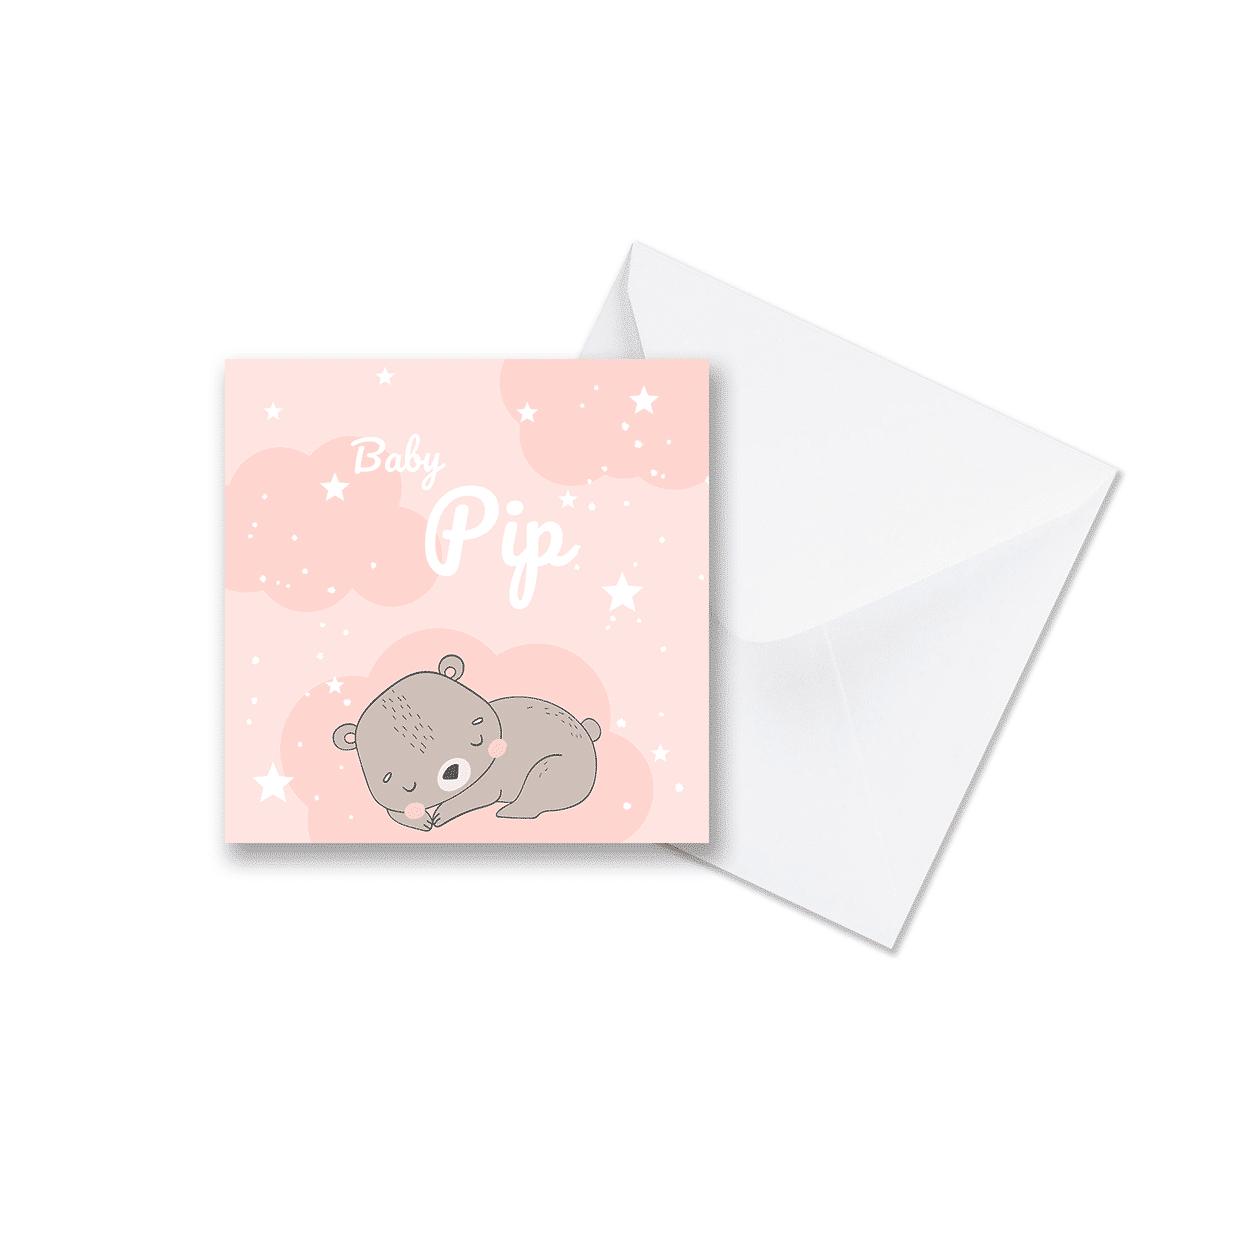 geboortekaartje voor een meisje met schattig slapend beertje met envelop